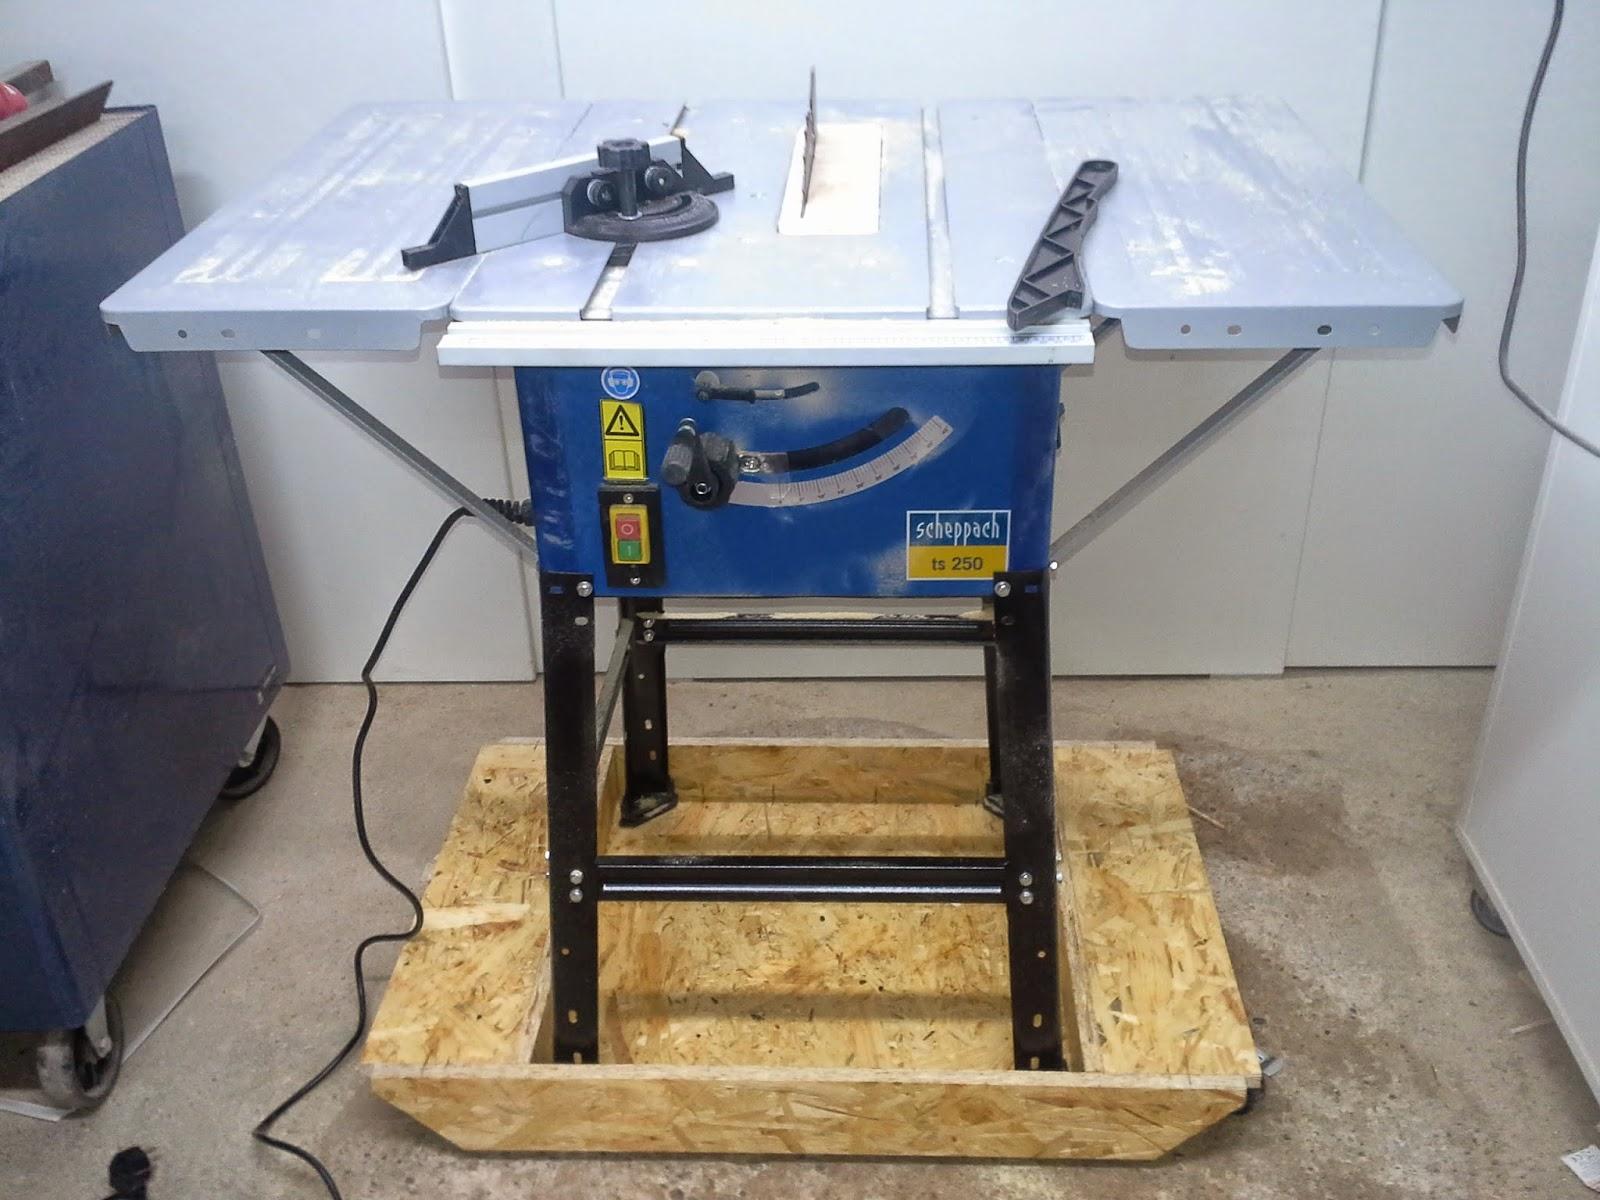 holz und metall ein heimwerkerblog rollbrett f r tischkreiss ge. Black Bedroom Furniture Sets. Home Design Ideas